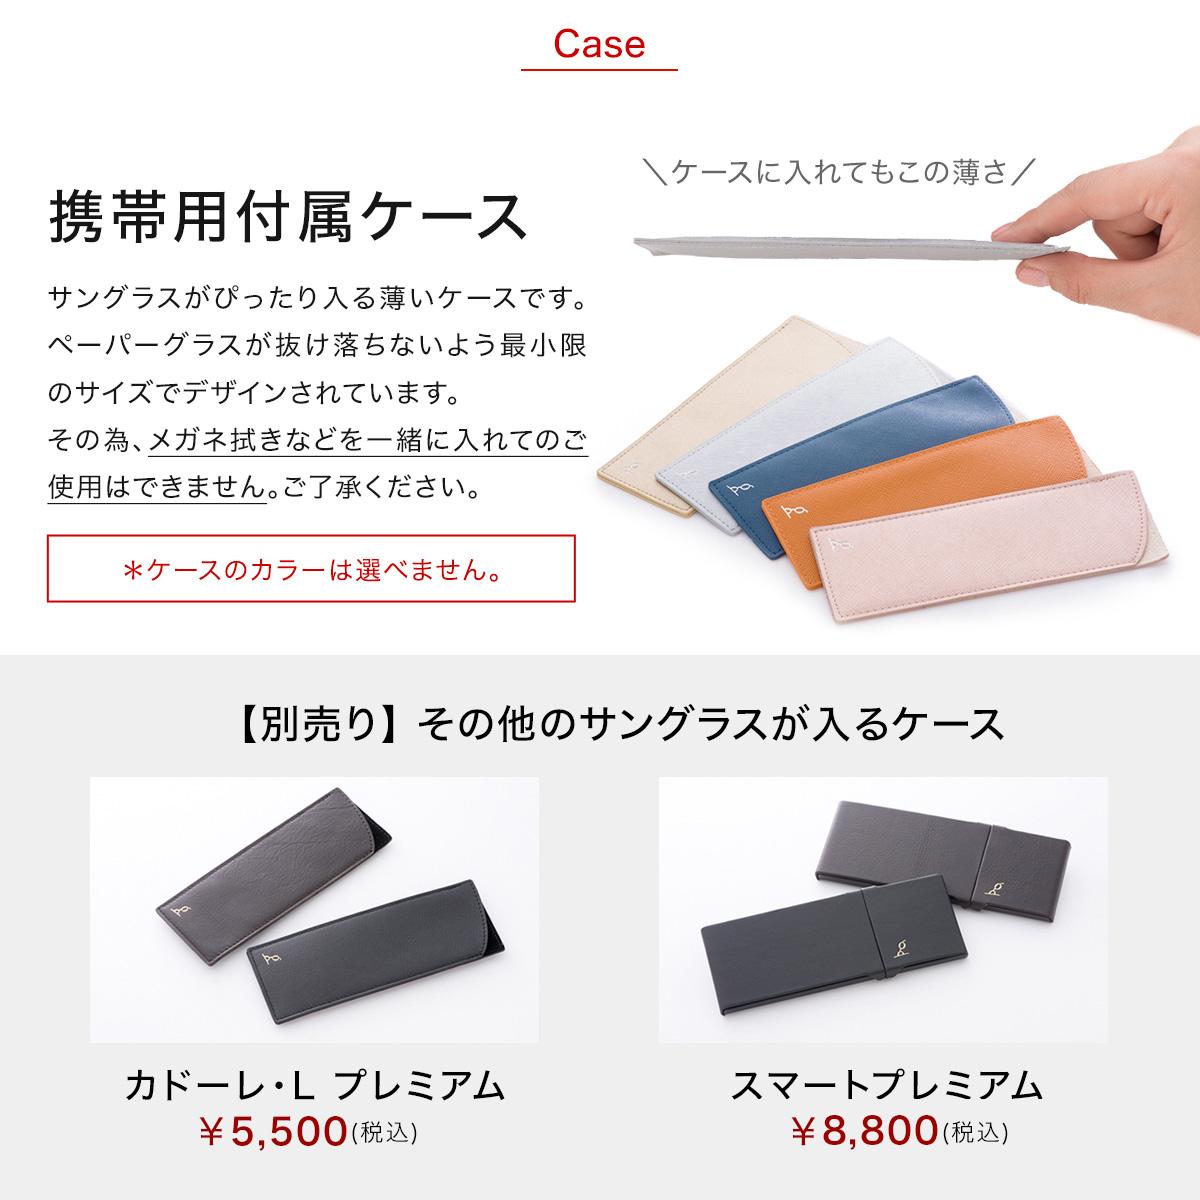 コンパクトでおしゃれな超薄型サングラス 携帯用ケース